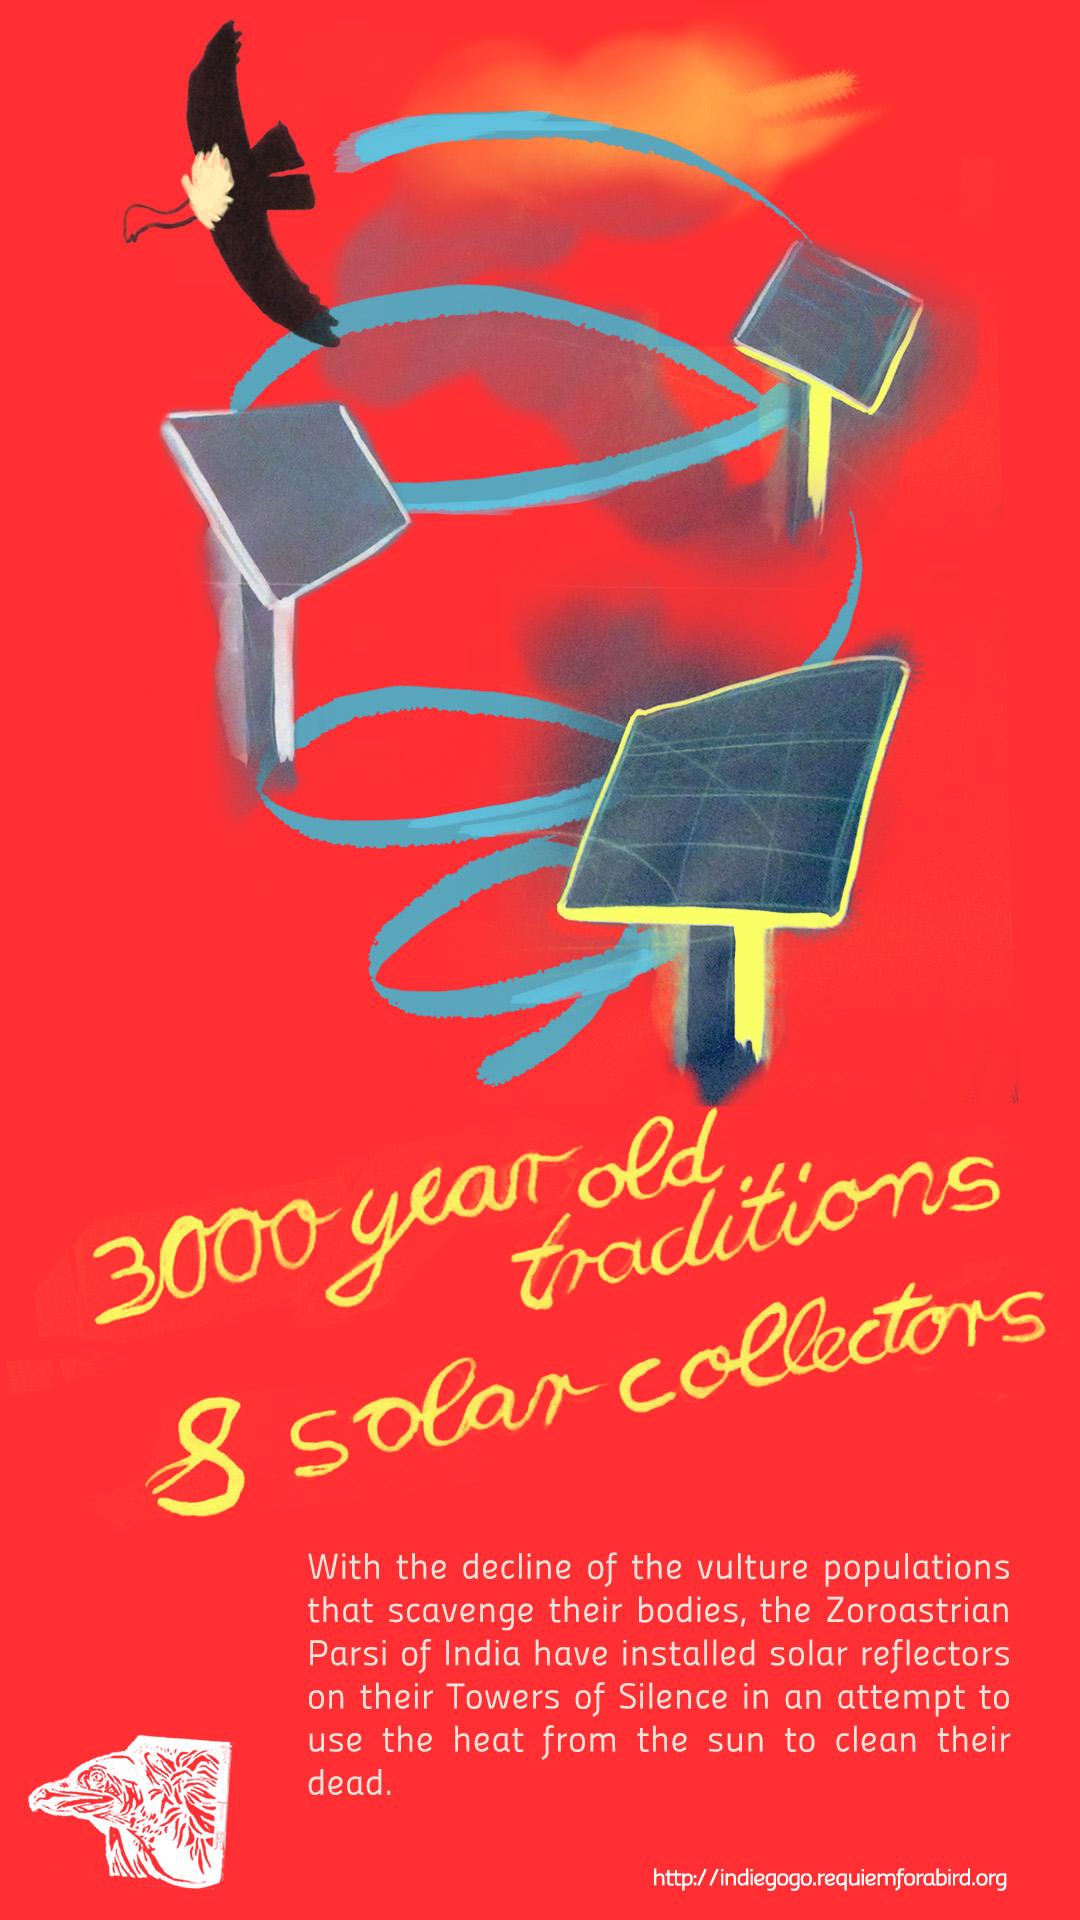 Ancient rites&solar collectors